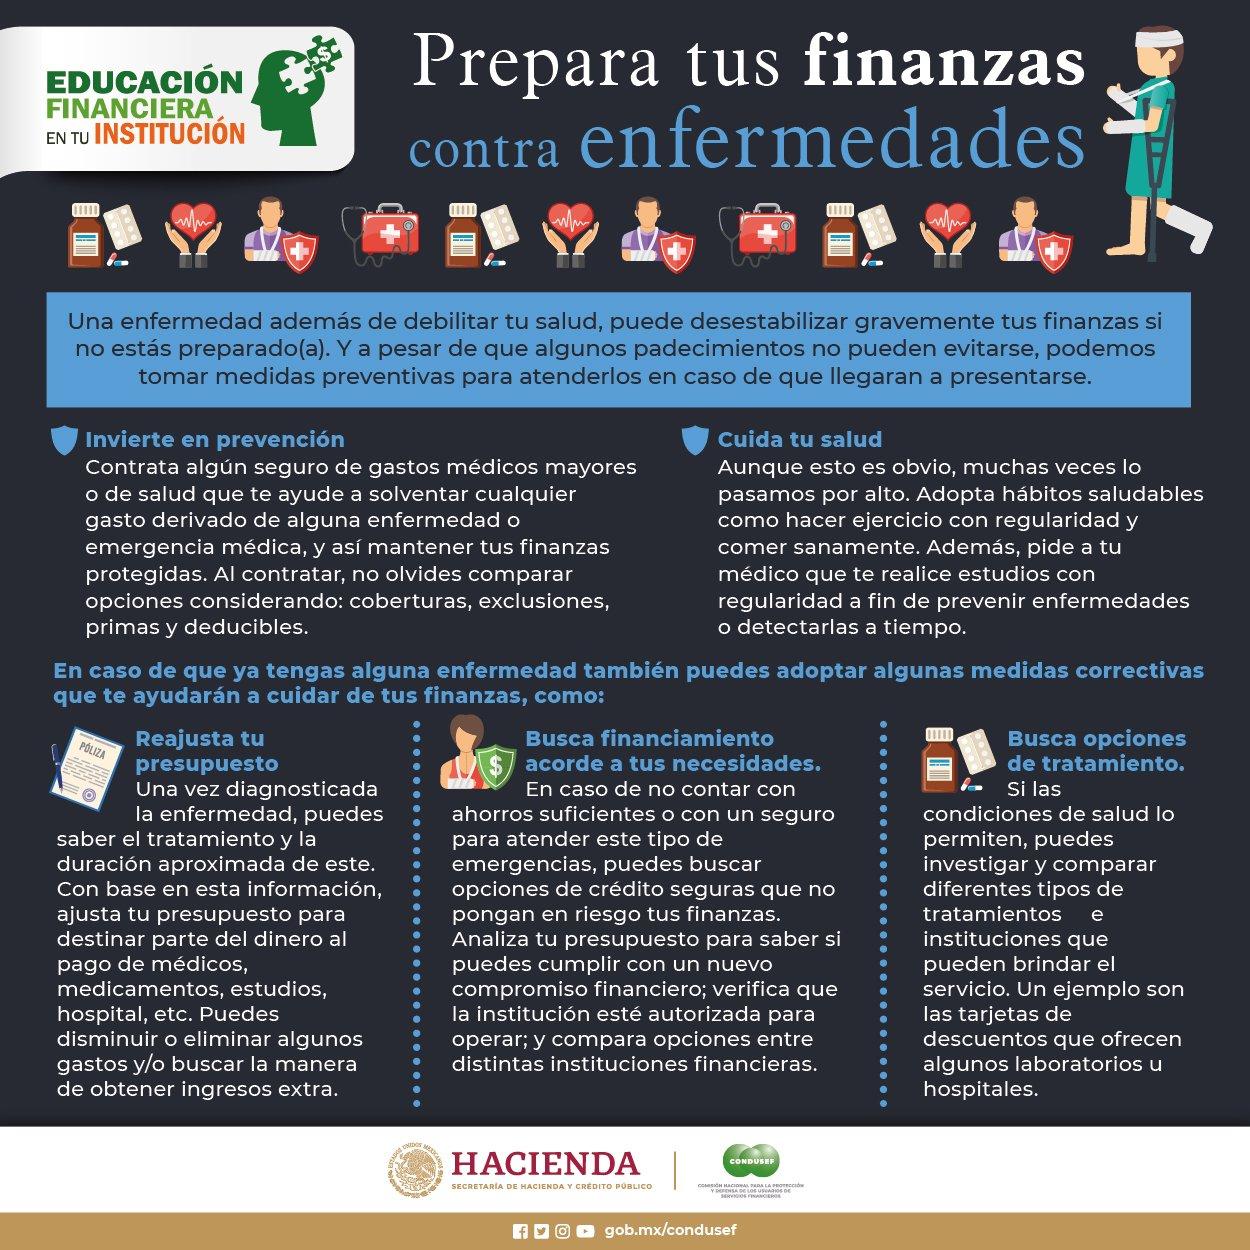 Prepara tus finanzas